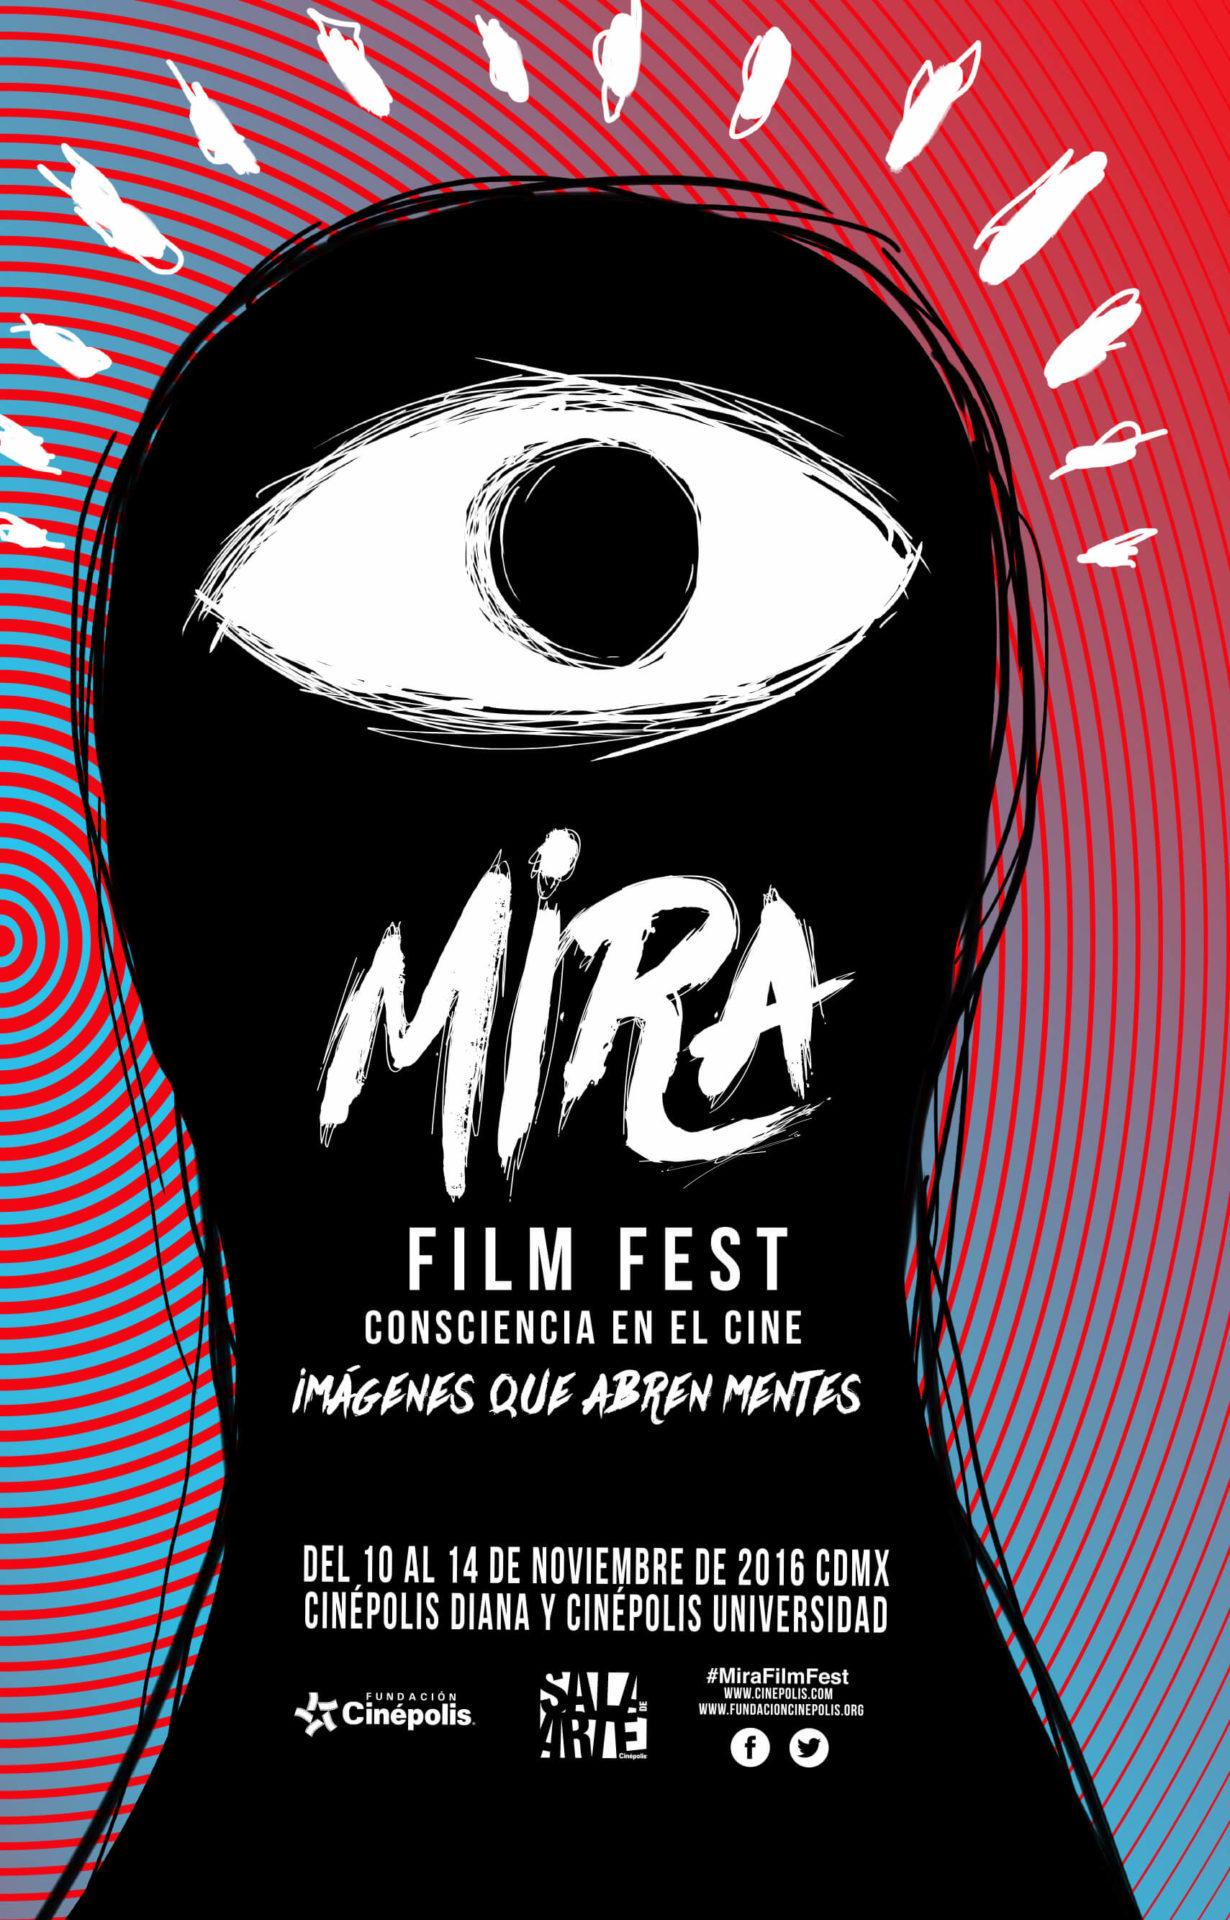 Mira_Film_Fest_2016-1.jpg